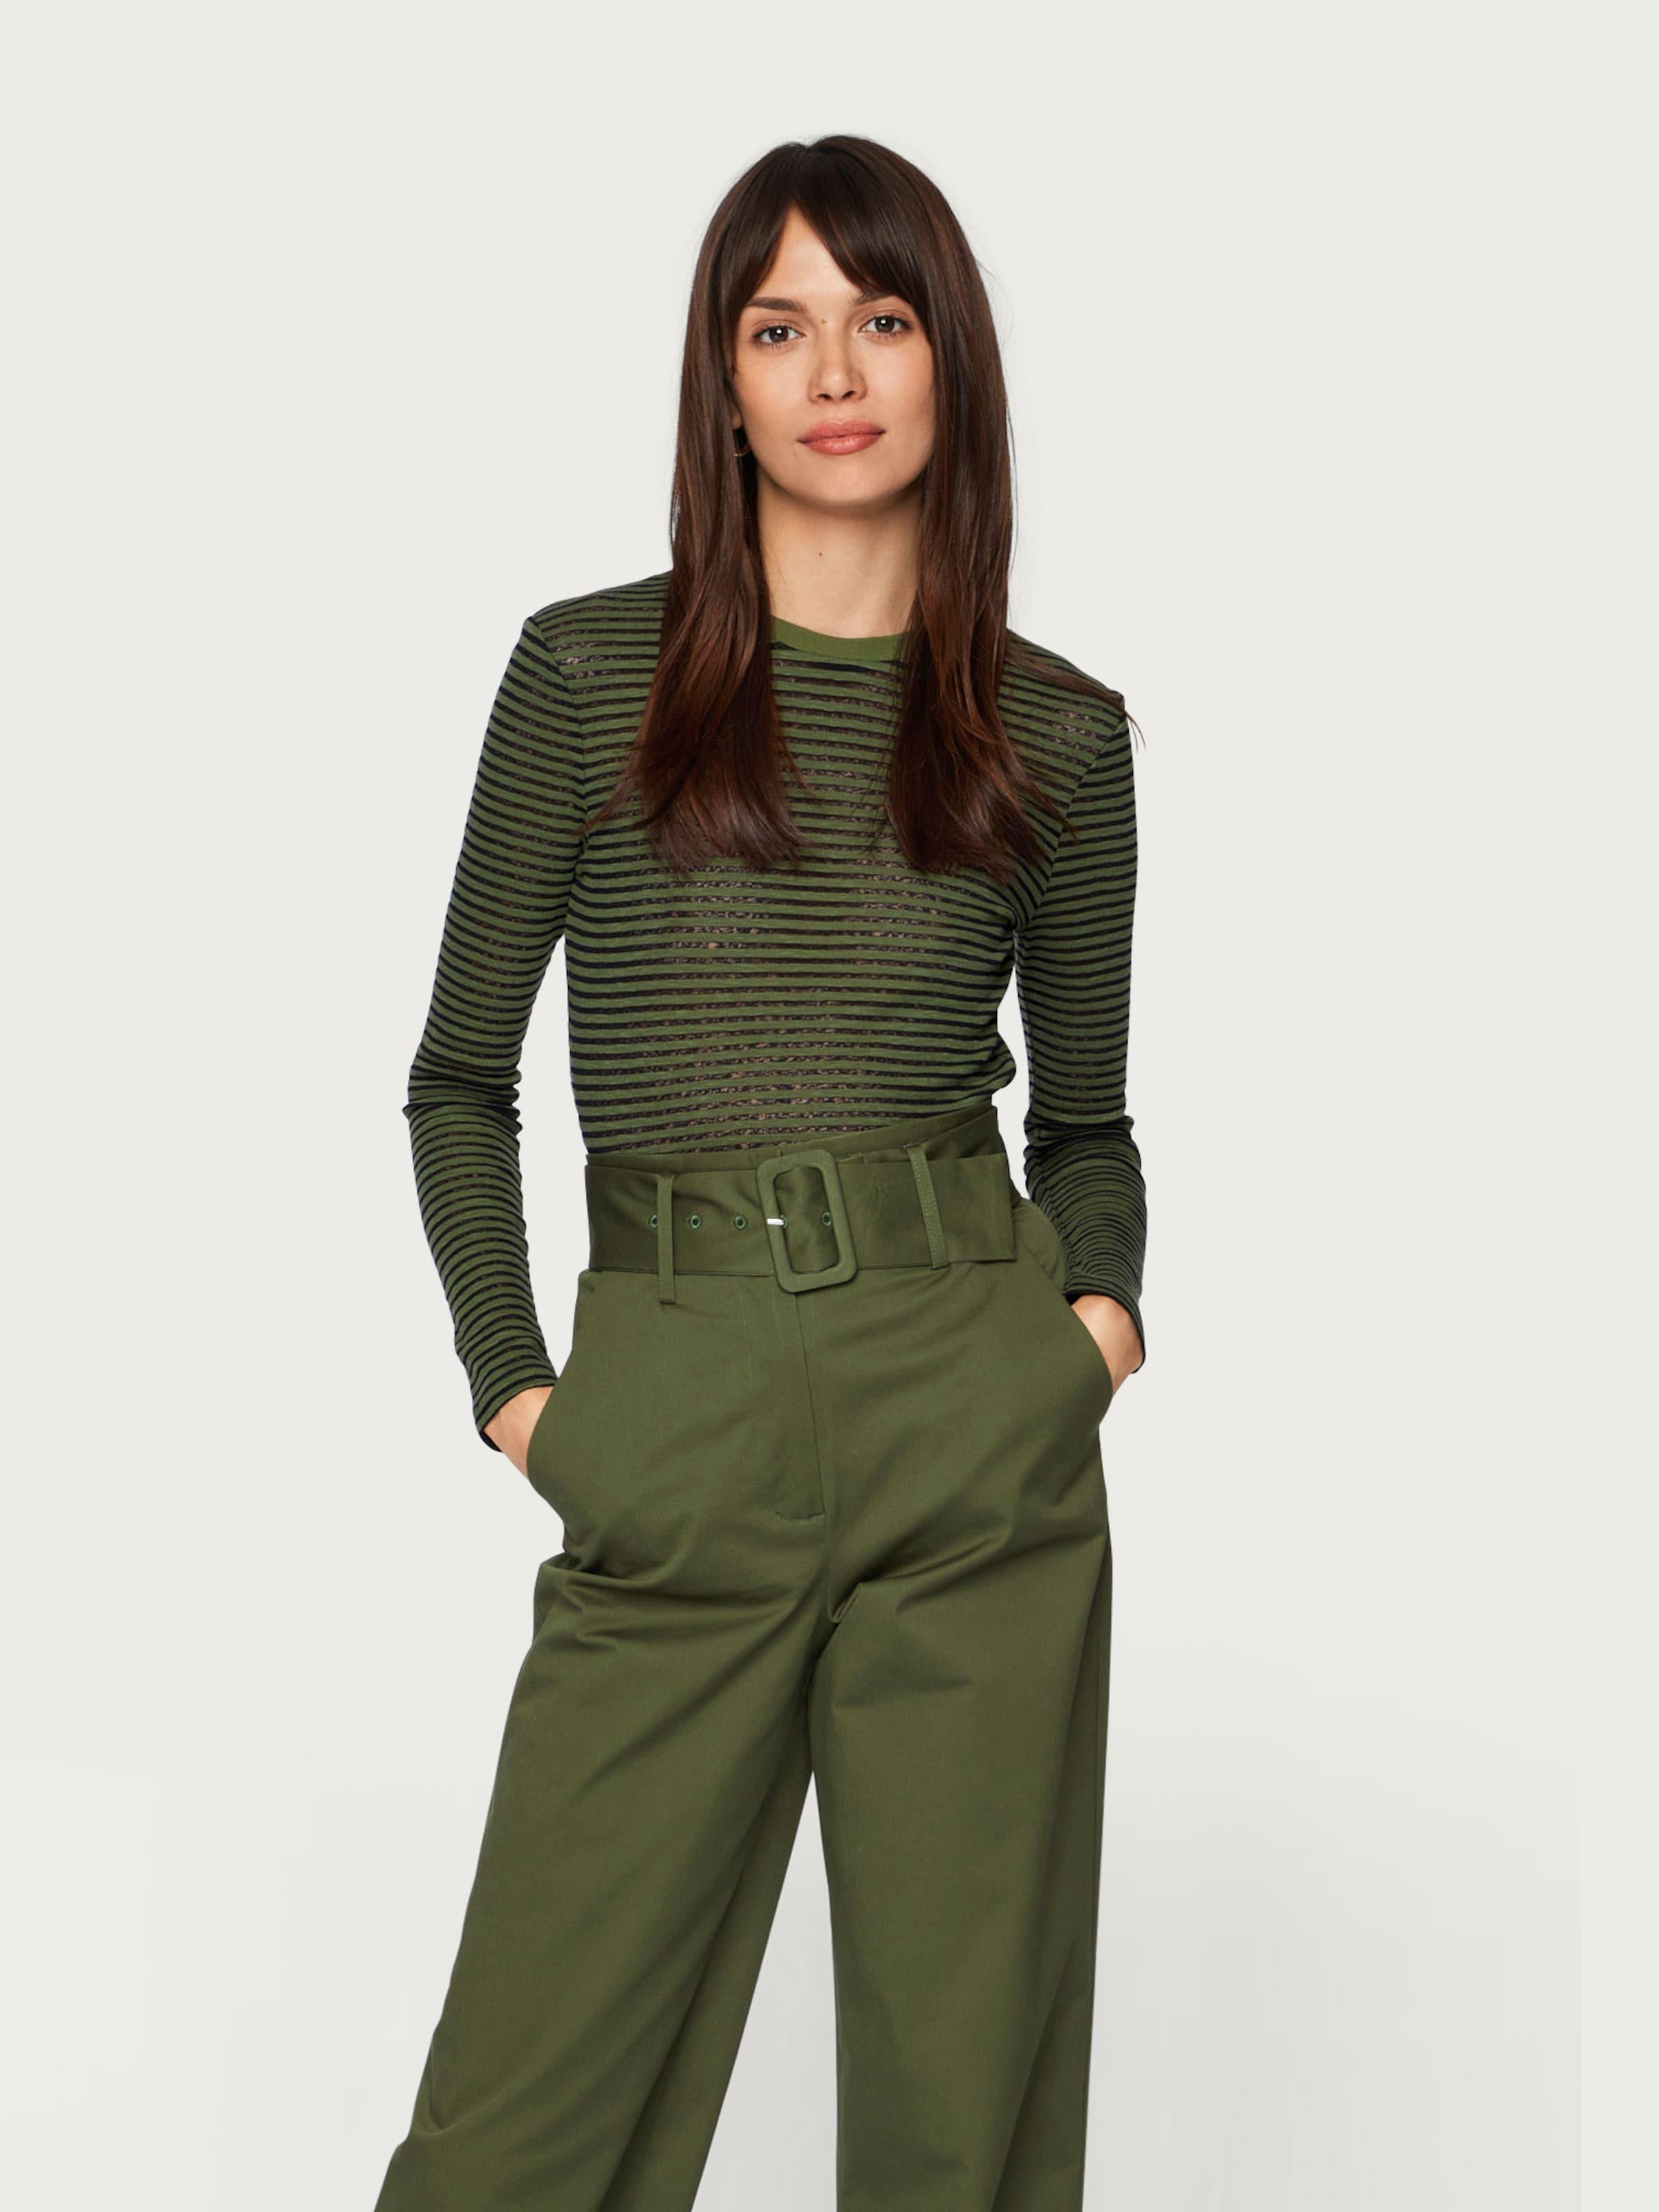 'jenna' En shirt Edited KakiNoir T e9WDEIH2bY